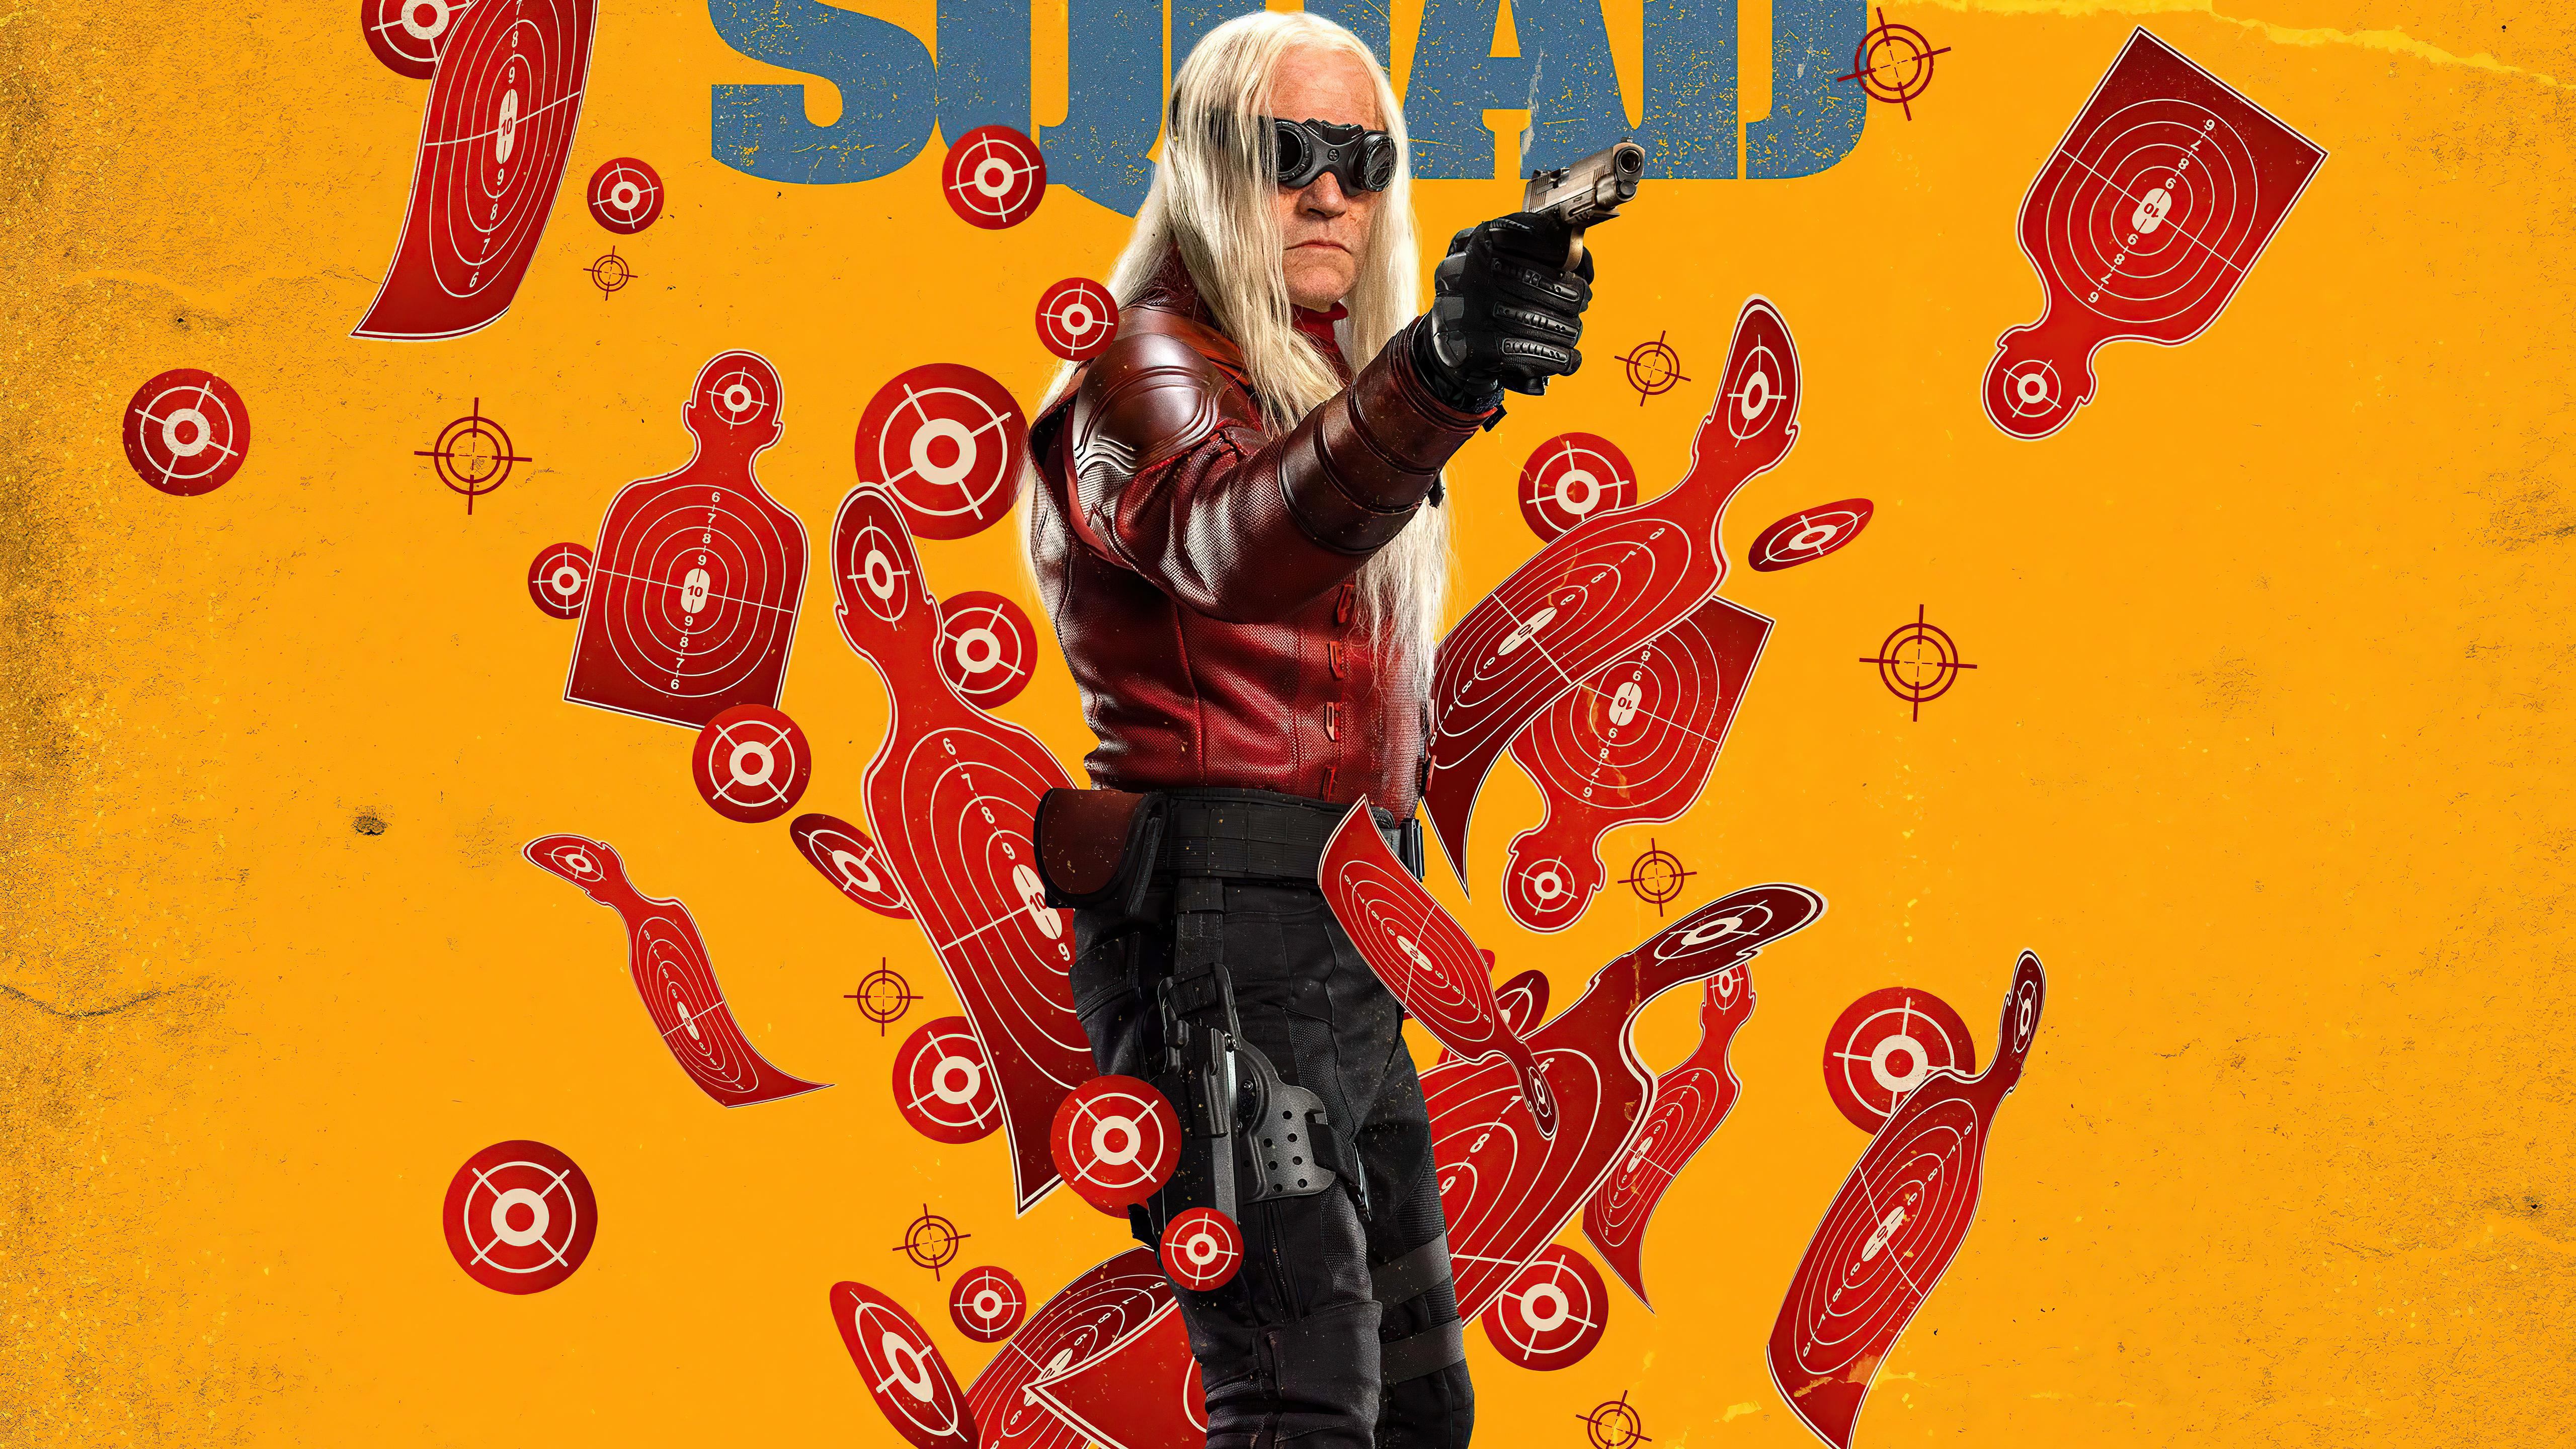 savant the suicide squad 4k 1618167076 - Savant The Suicide Squad 4k - Savant The Suicide Squad 4k wallpapers